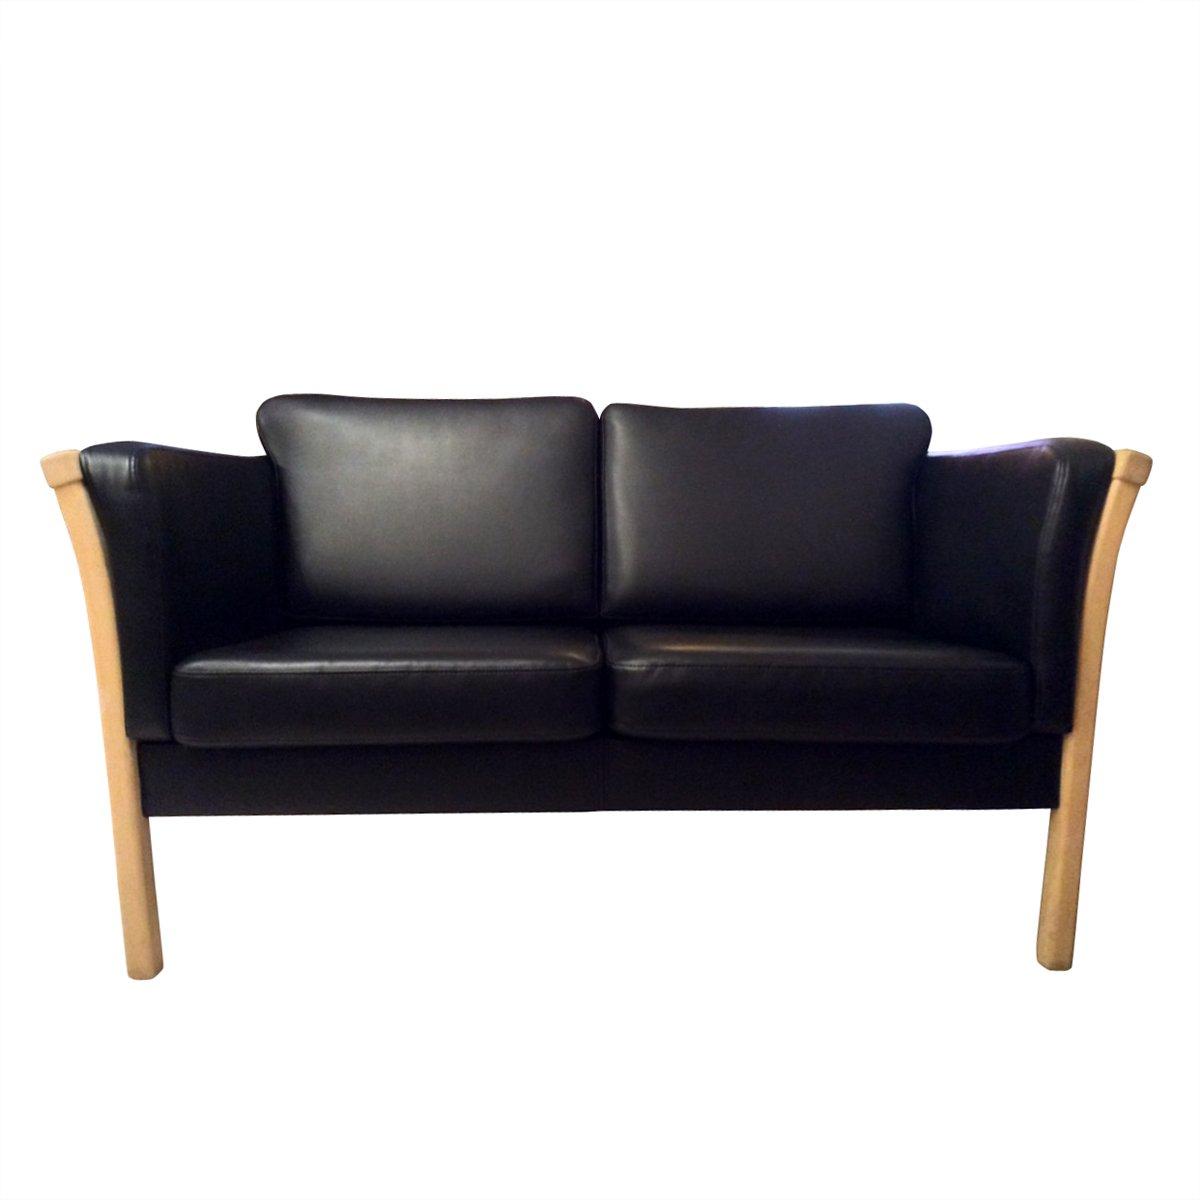 Schwedisches 2-Sitzer Sofa aus Buche und Leder, 1970er